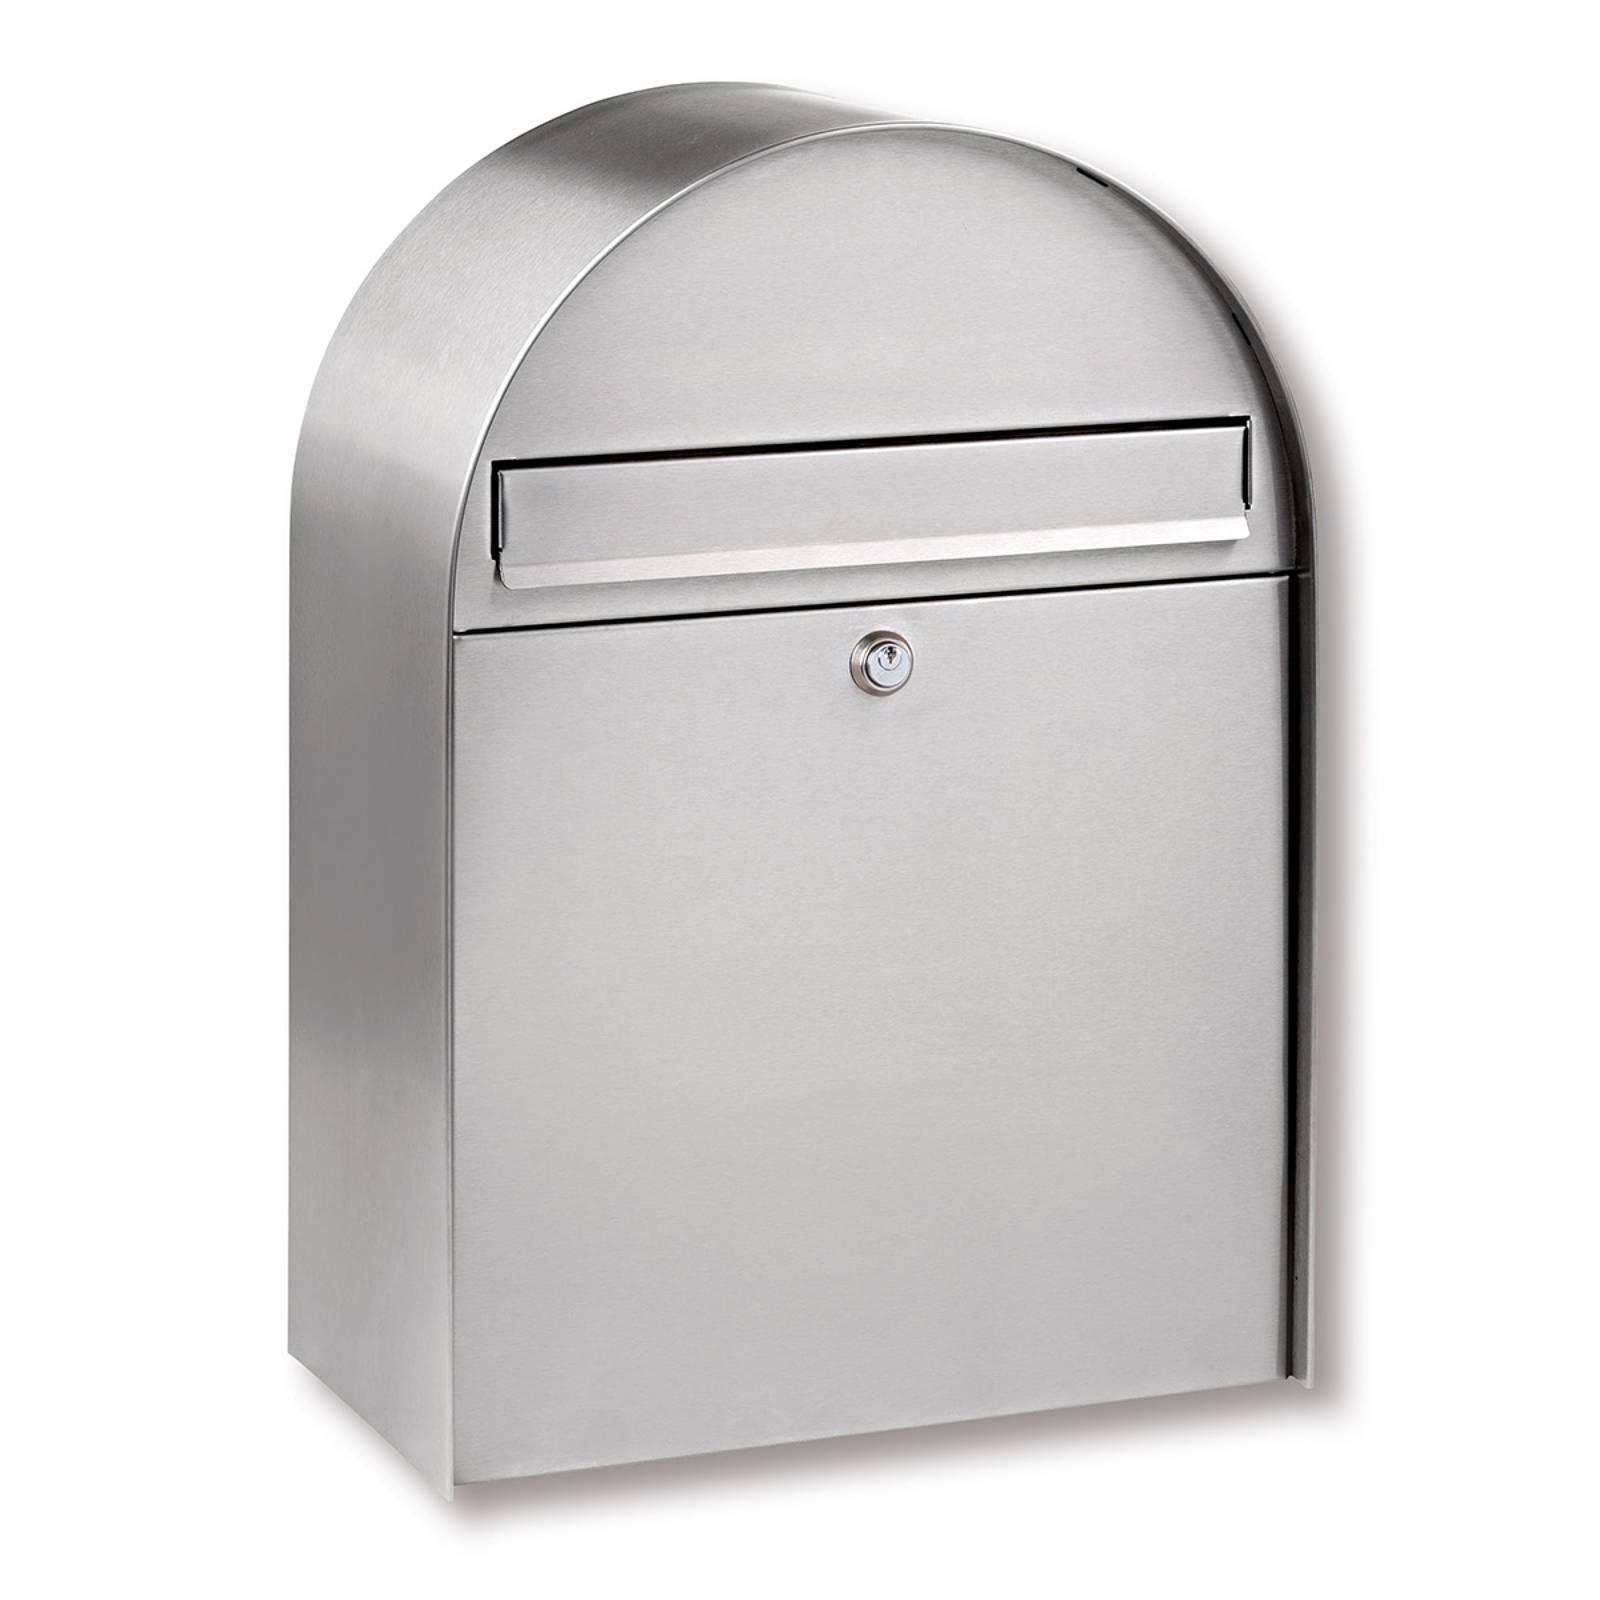 Nordic - postilaatikko, ruost. teräs, pyöreä kaari